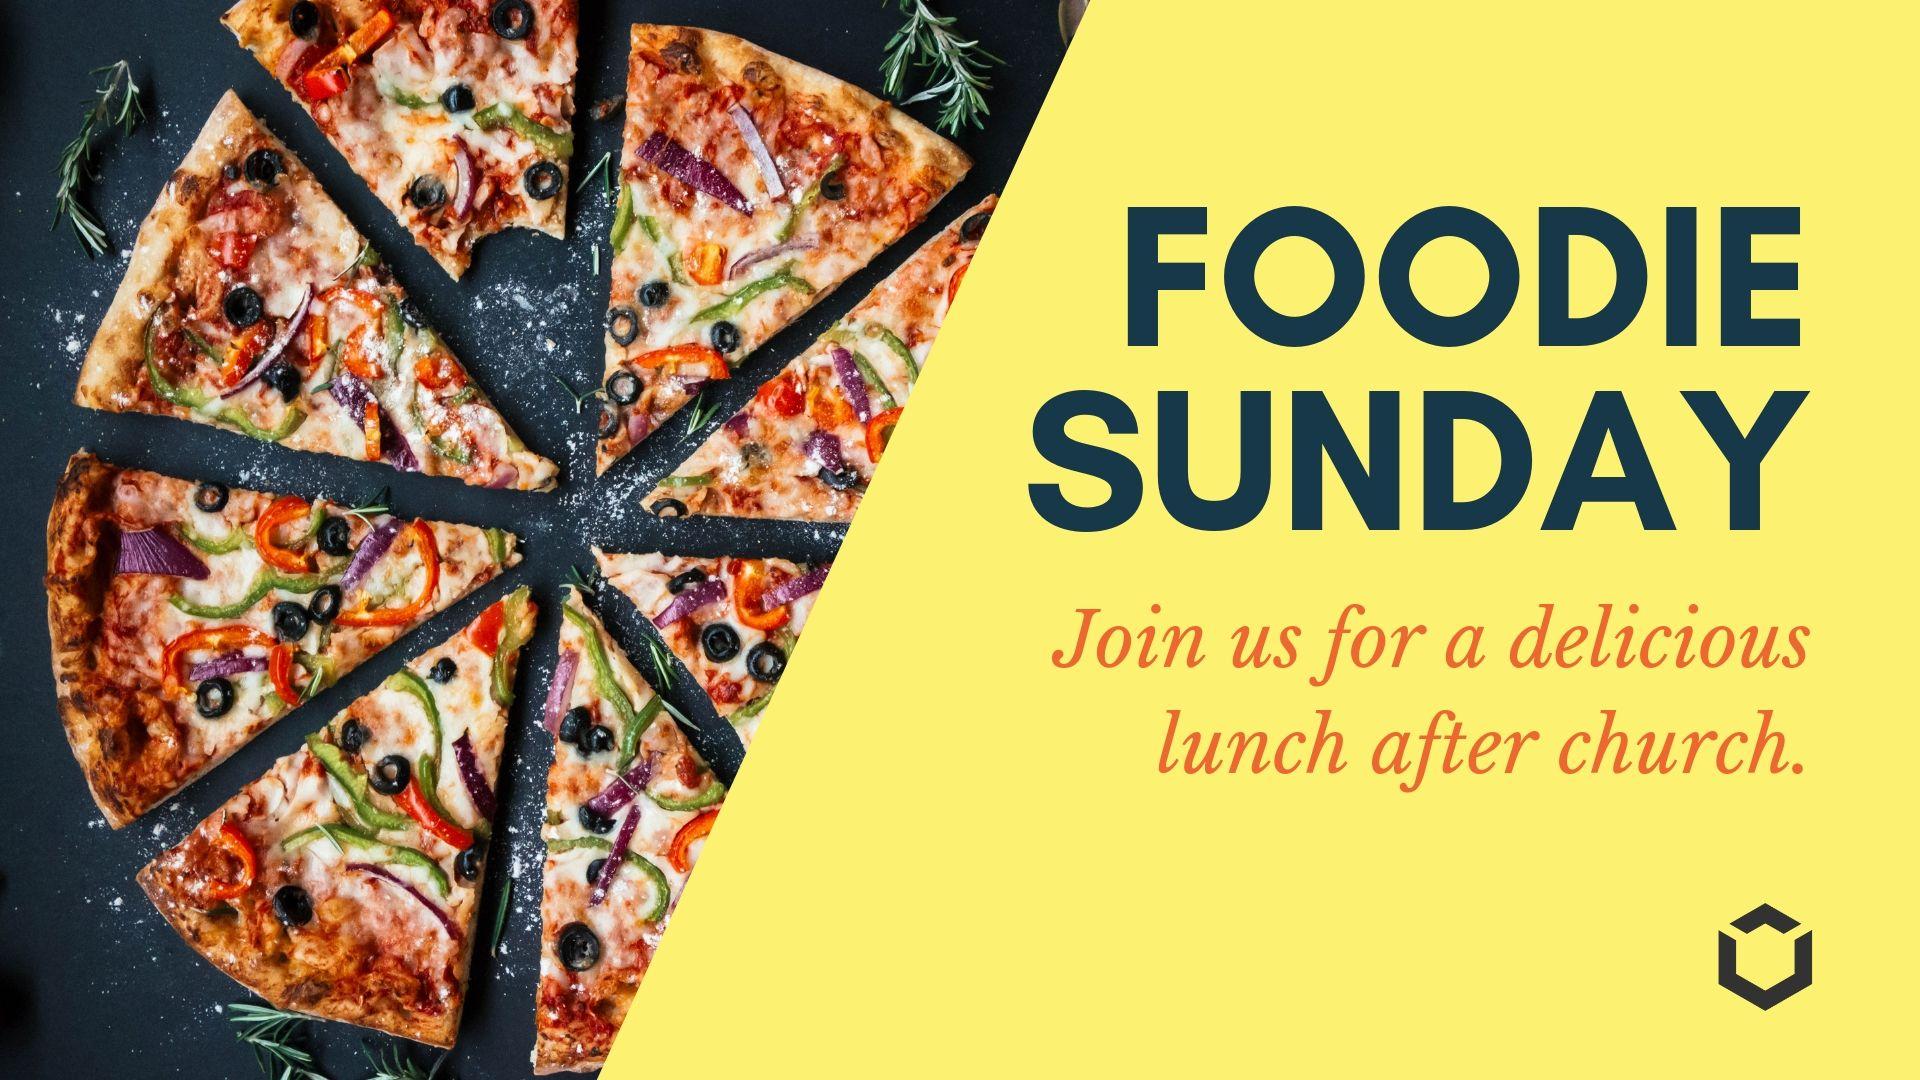 Foodie Sunday General.jpg